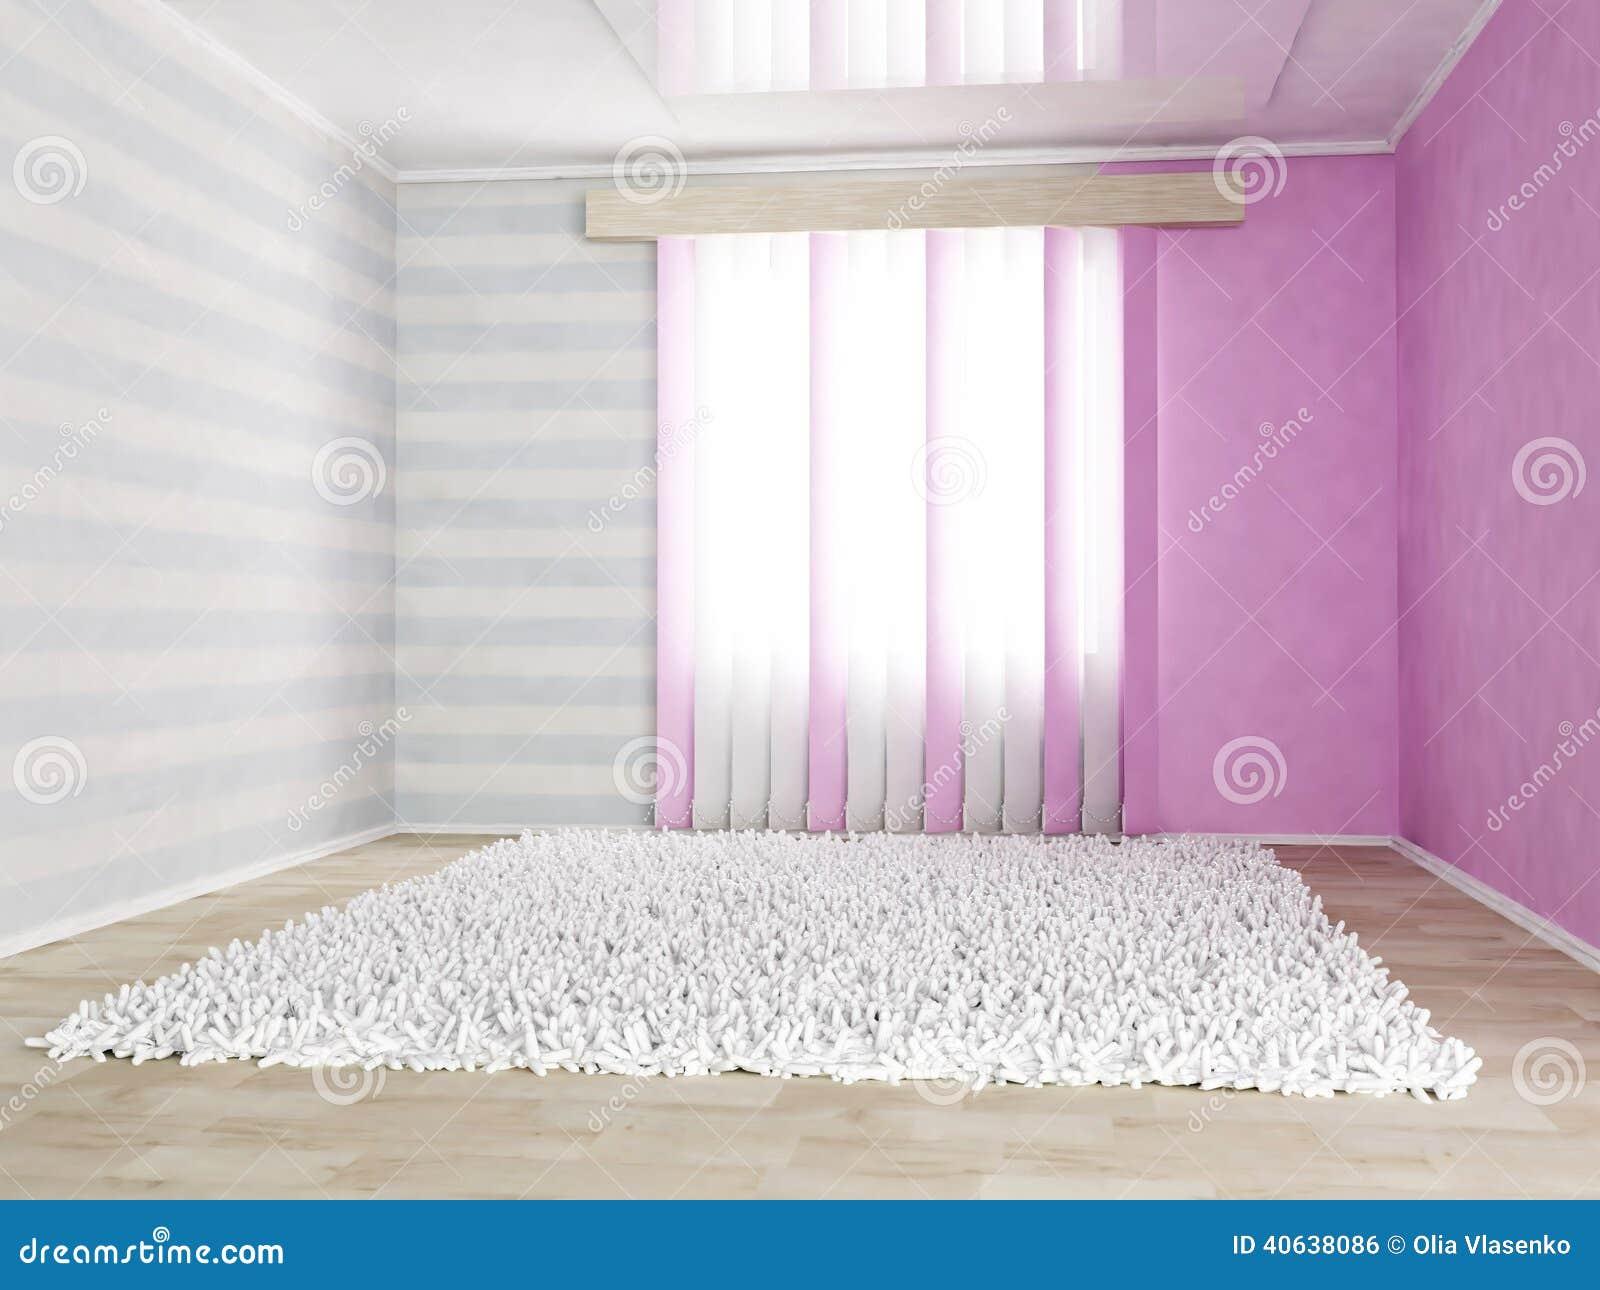 Fußboden Kinderzimmer Geeignet ~ Kinderzimmer in den leichten farben stock abbildung illustration